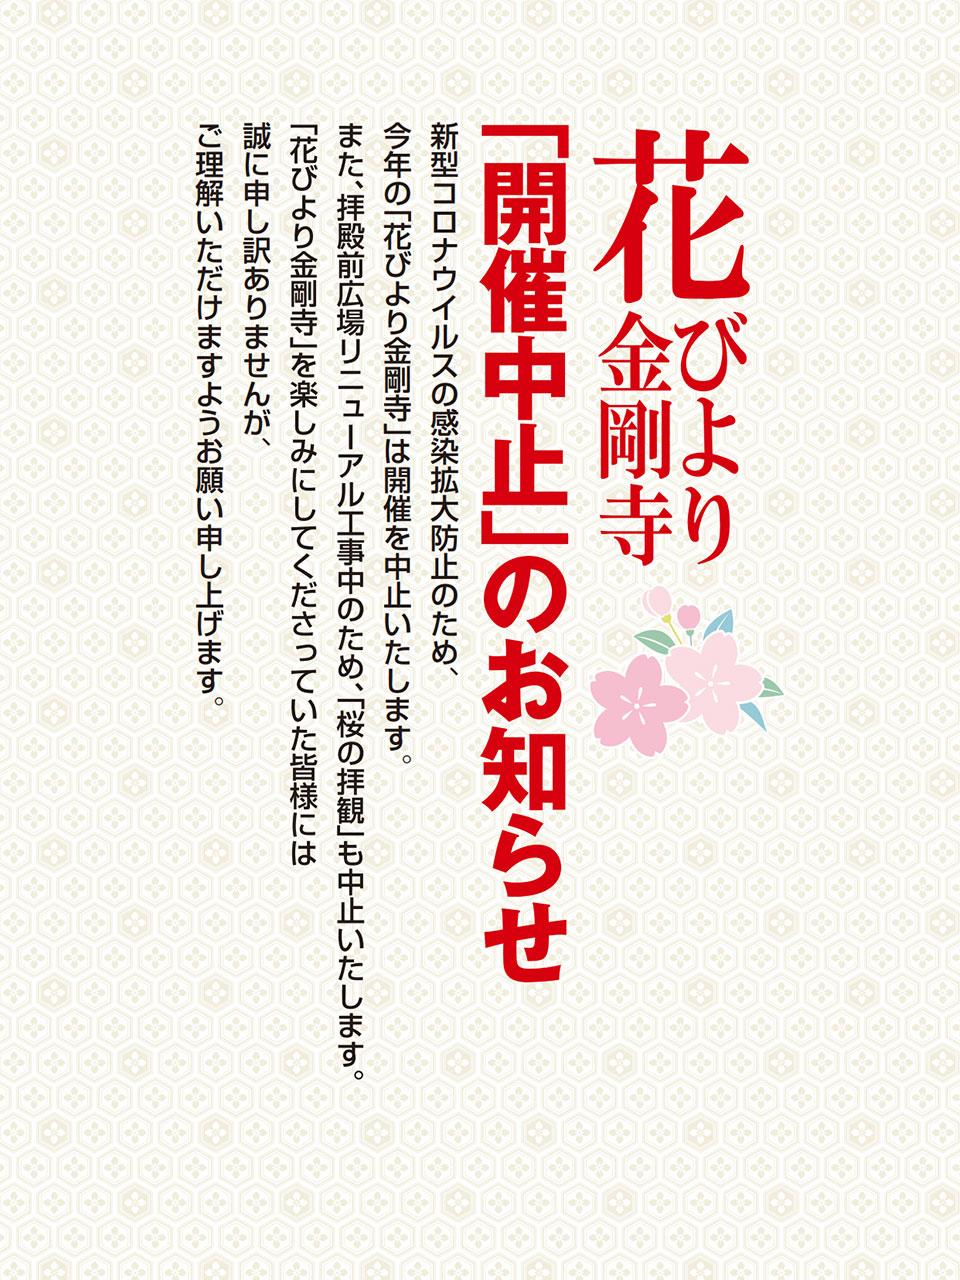 花びより金剛寺「開催中止」のお知らせ